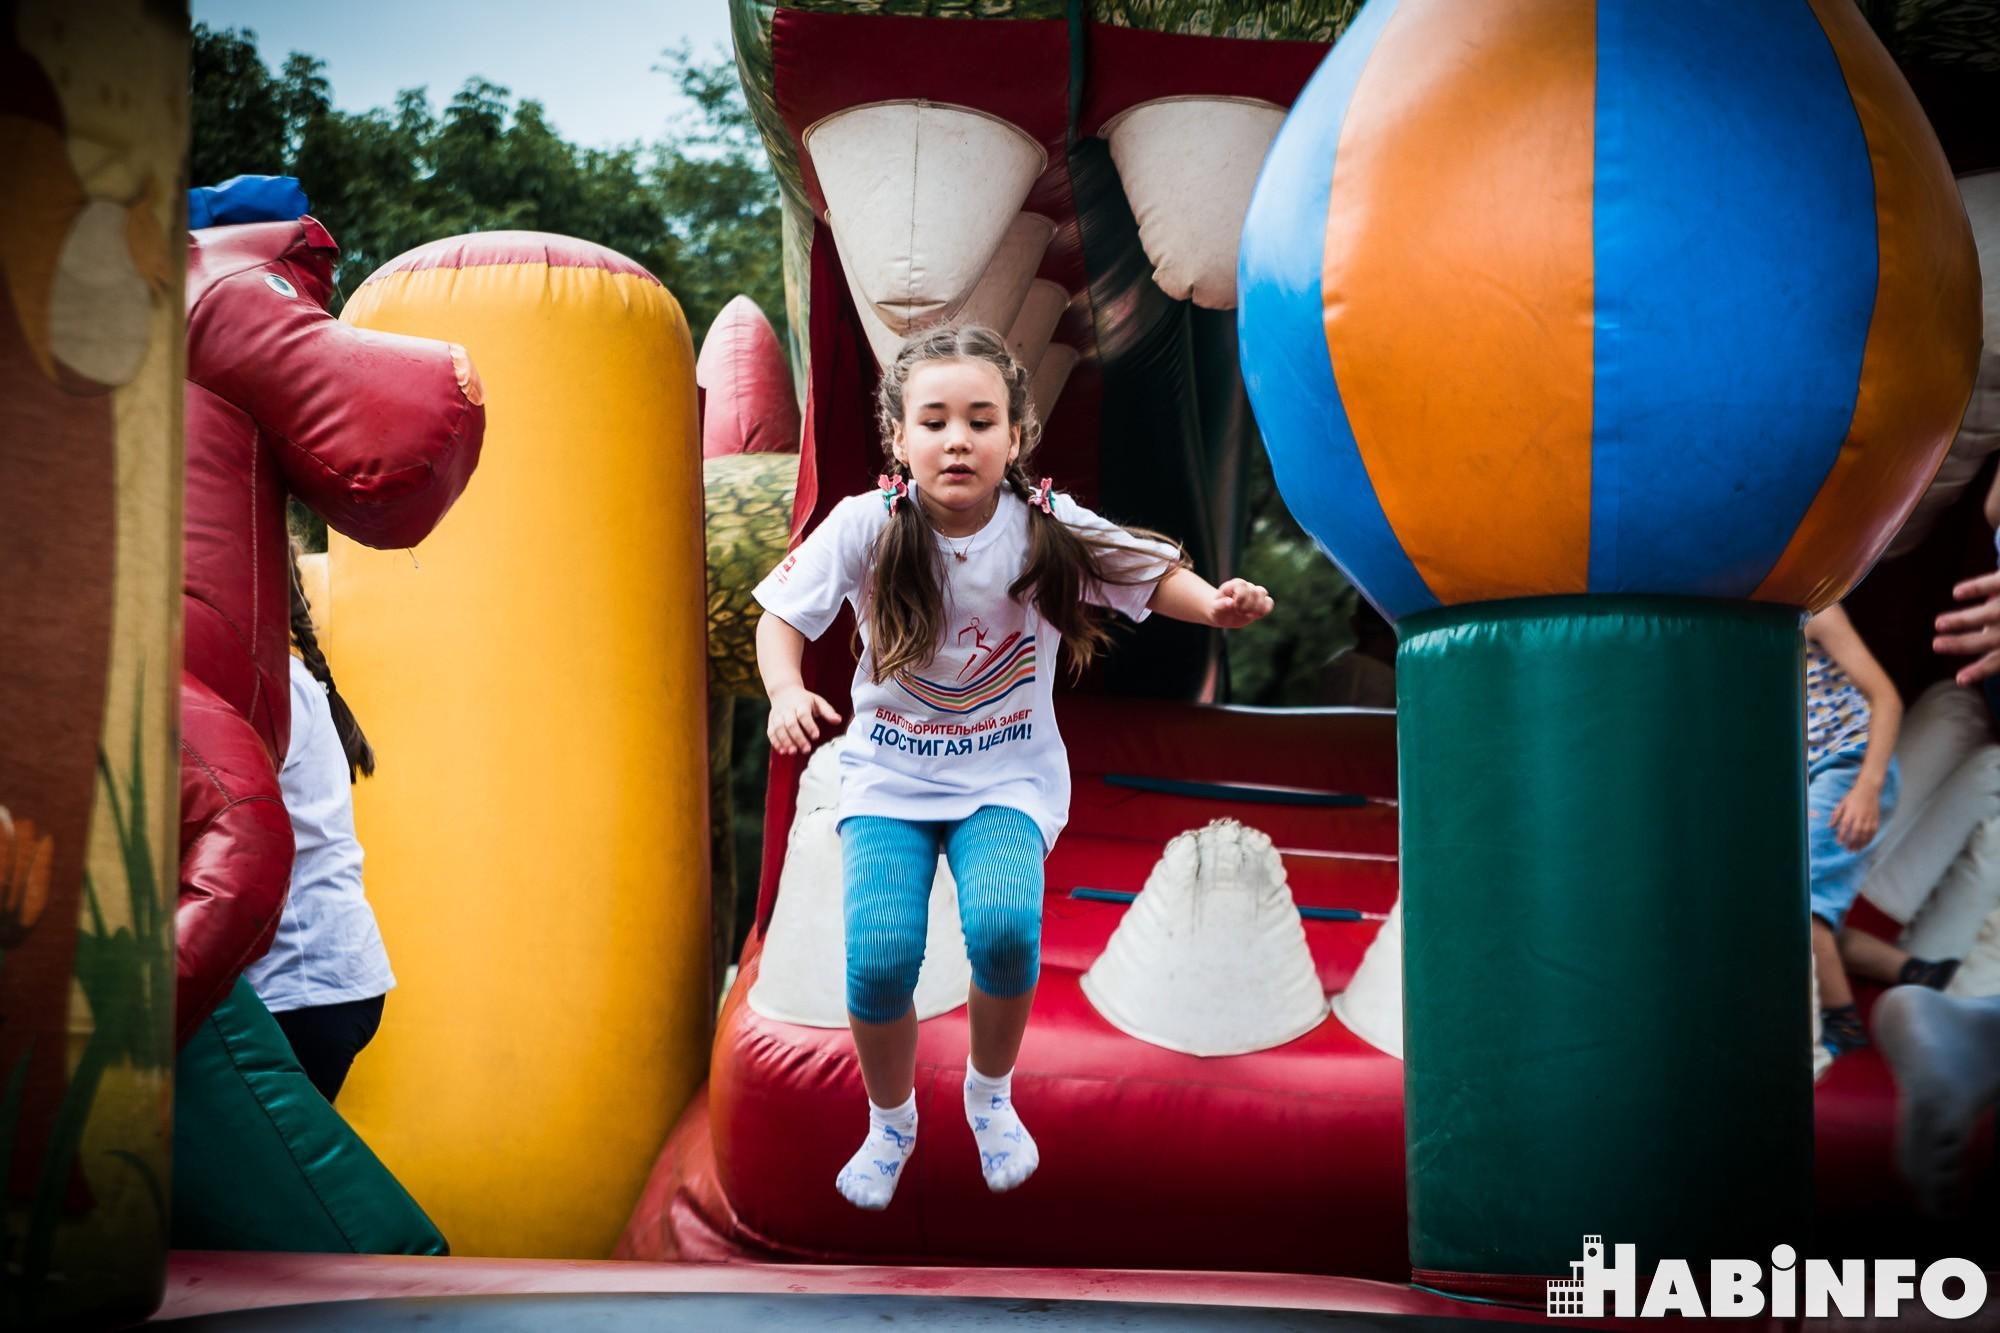 Хабаровские железнодорожники вышли на массовый забег, чтобы помочь онкобольным детям